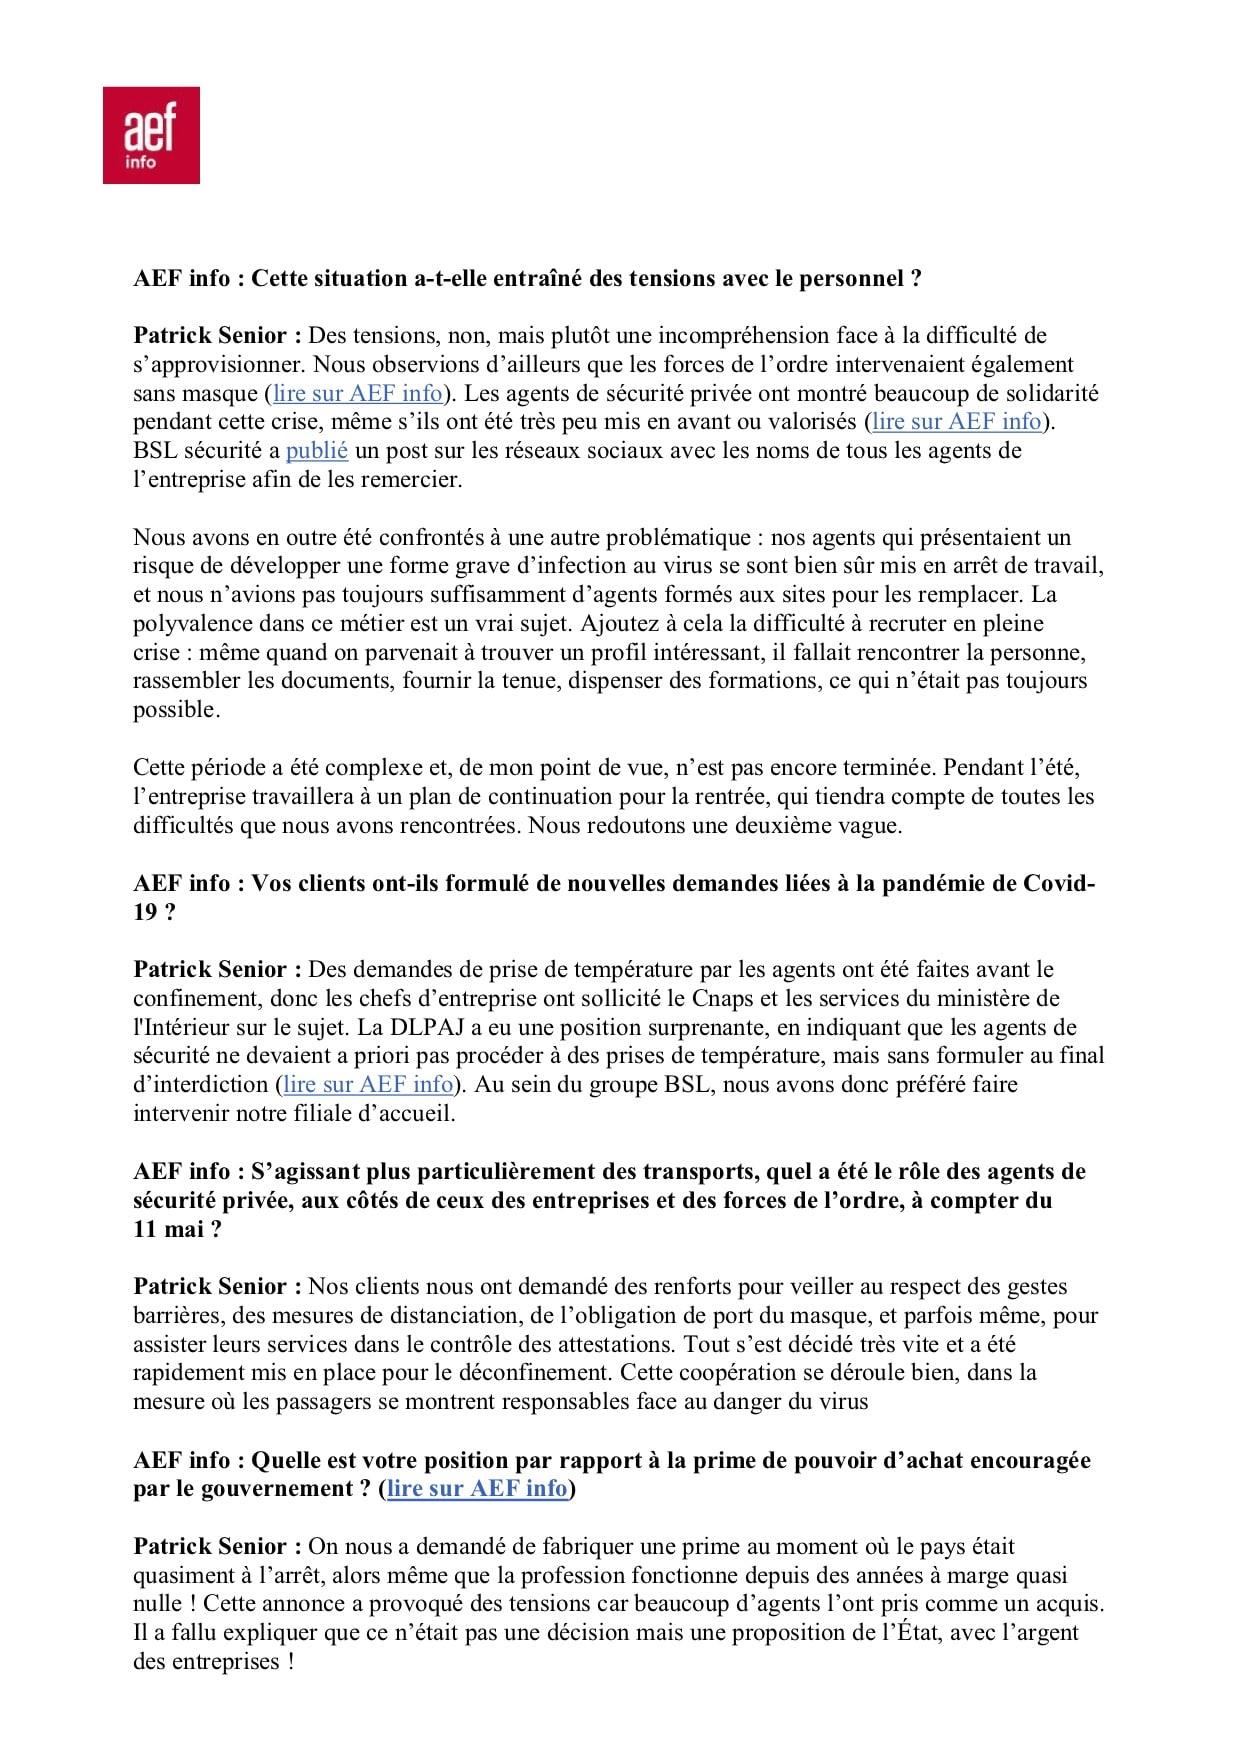 Dépéche AEF Sécurité Globale N° 628857 rédigée par Marie Desrumaux Il y a en France une non-reconnaissance du potentiel de la sécurité privée Patrick Senior BSL sécurité-2